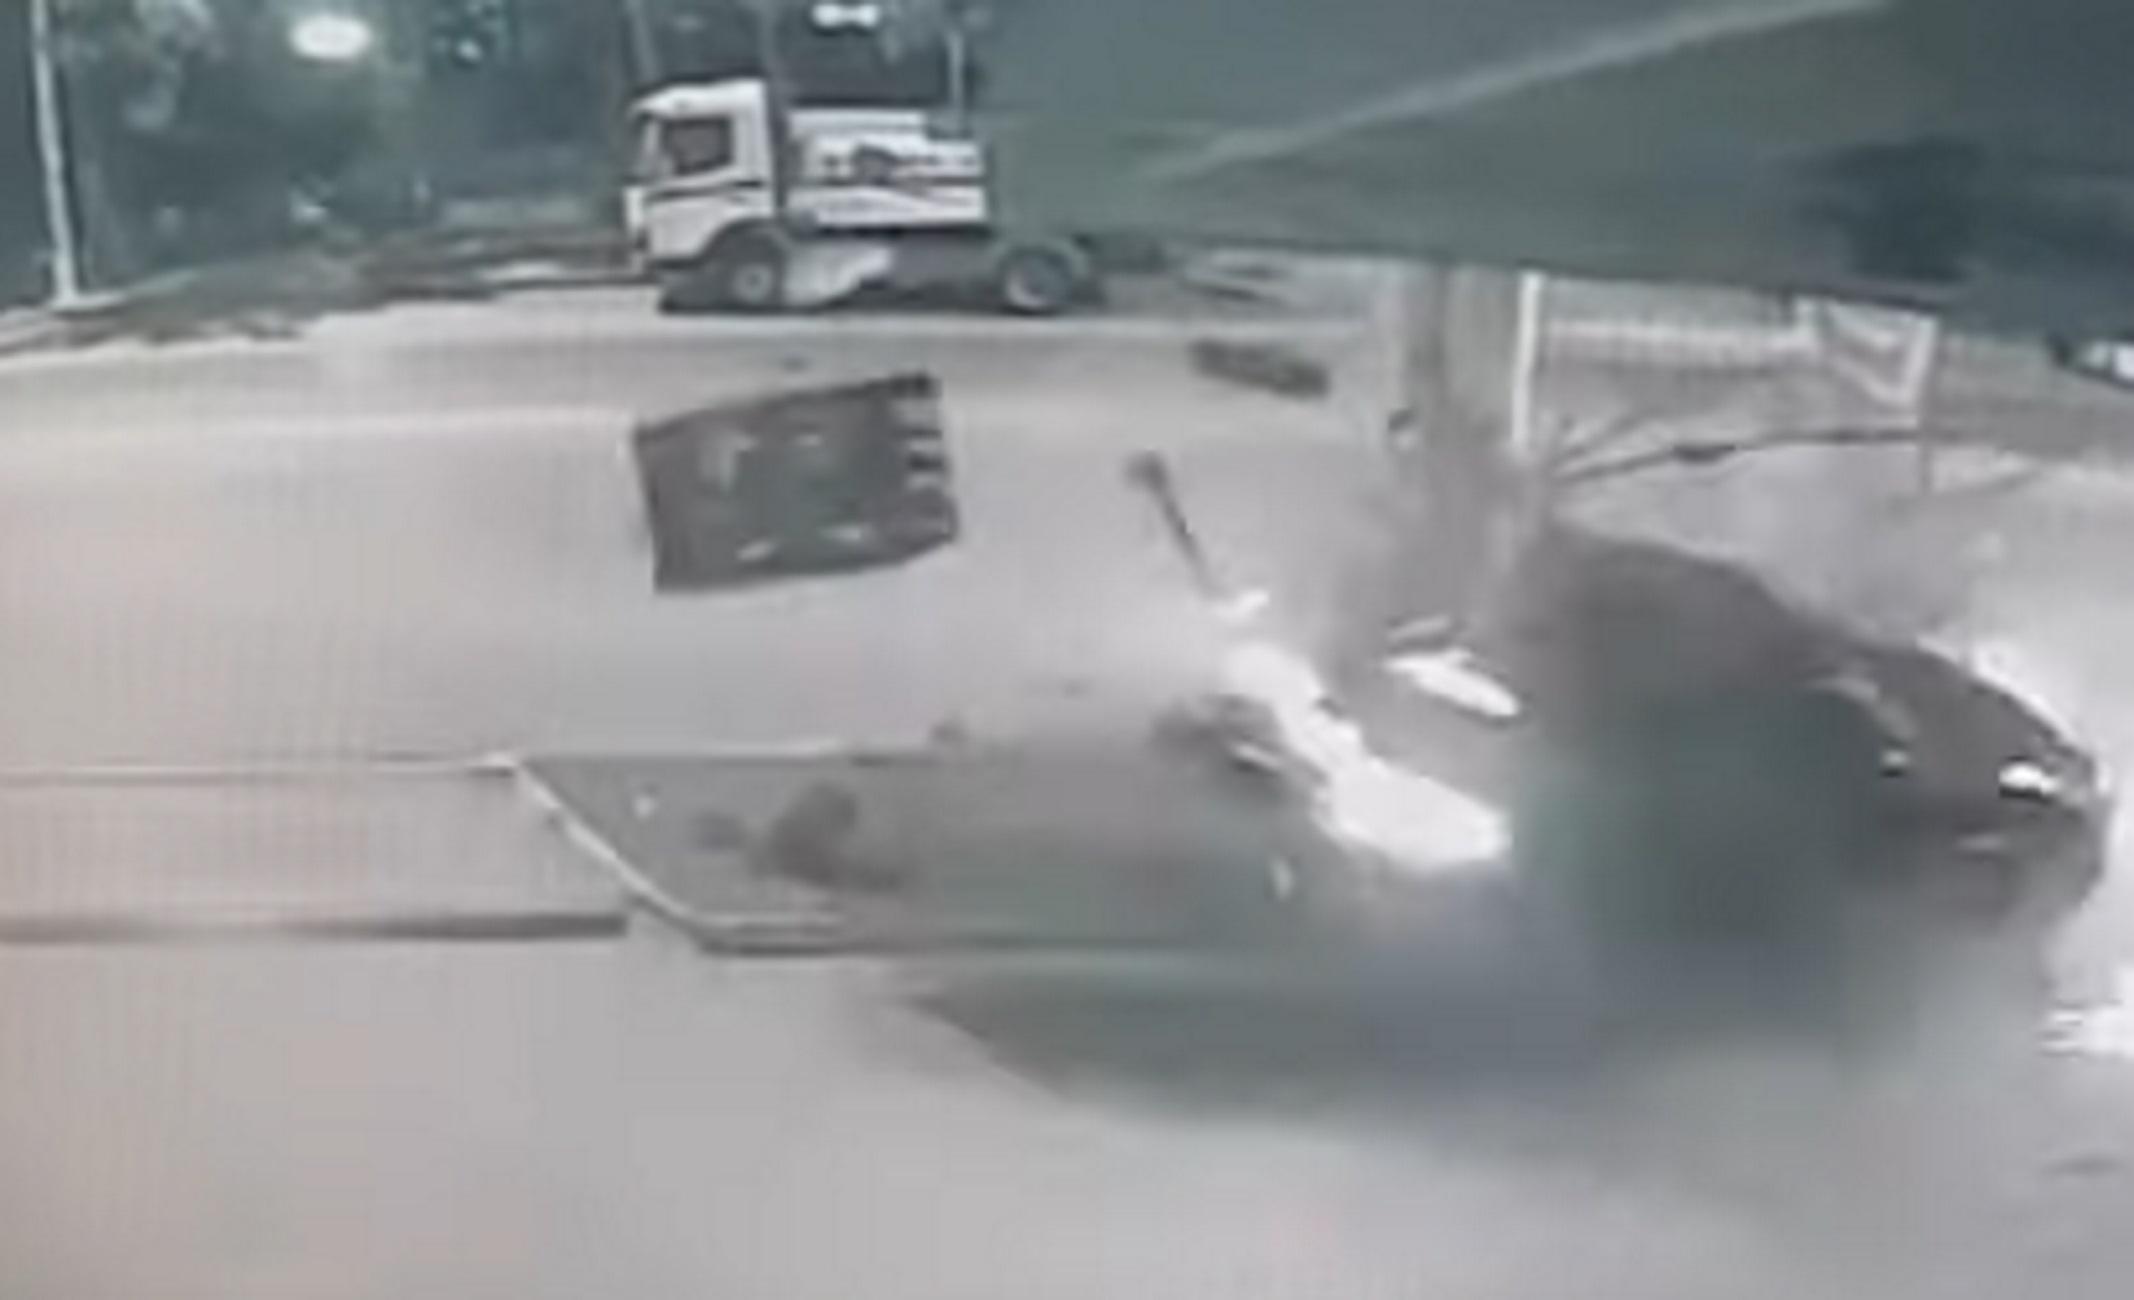 """Θεσσαλονίκη: Η στιγμή που αυτοκίνητο """"καρφώνεται"""" με μεγάλη ταχύτητα σε βενζινάδικο – Βίντεο ντοκουμέντο!"""